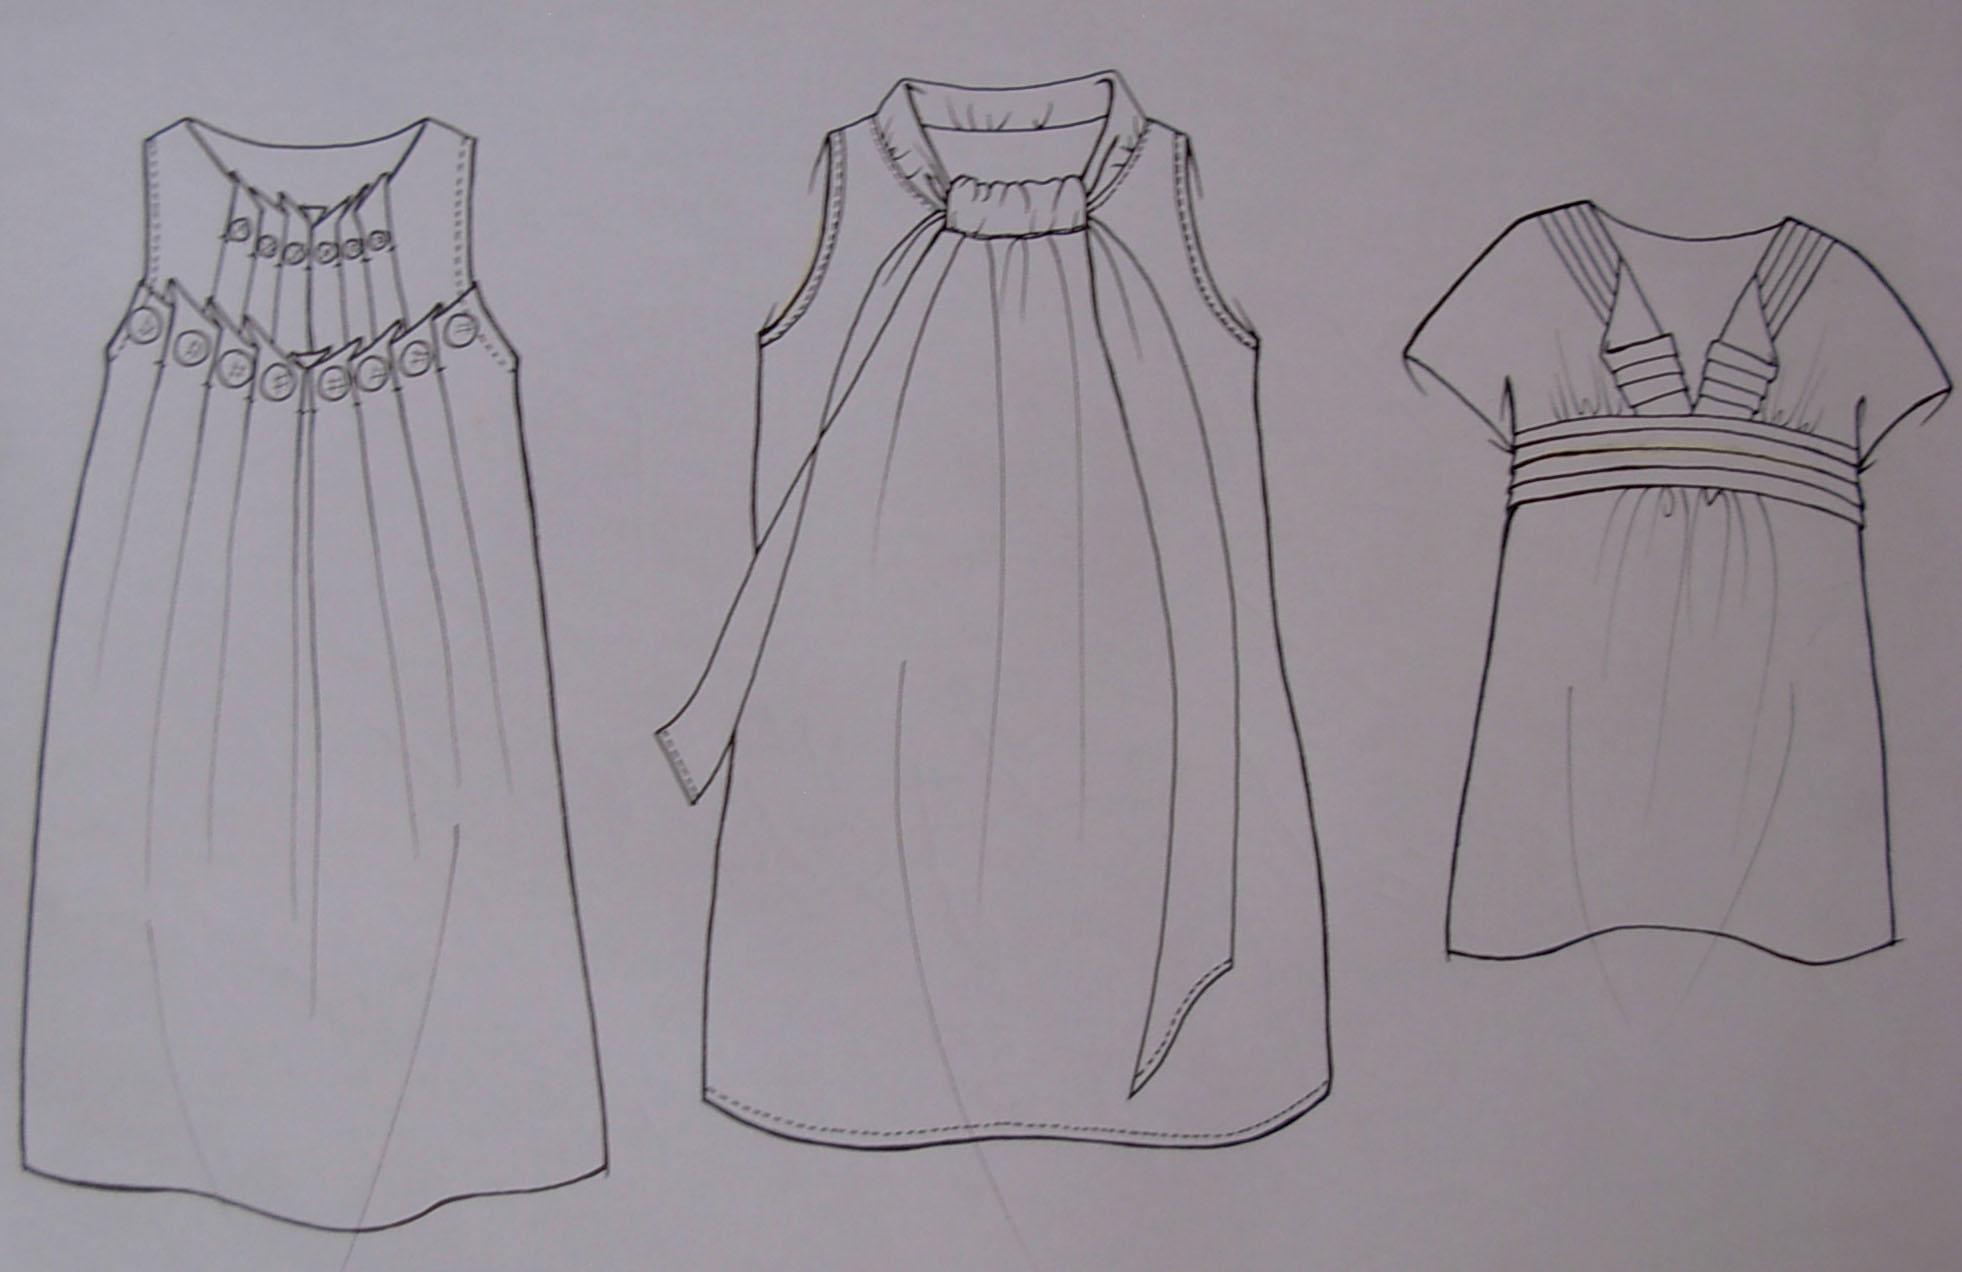 苏州大学服装设计与工程就业怎么样?